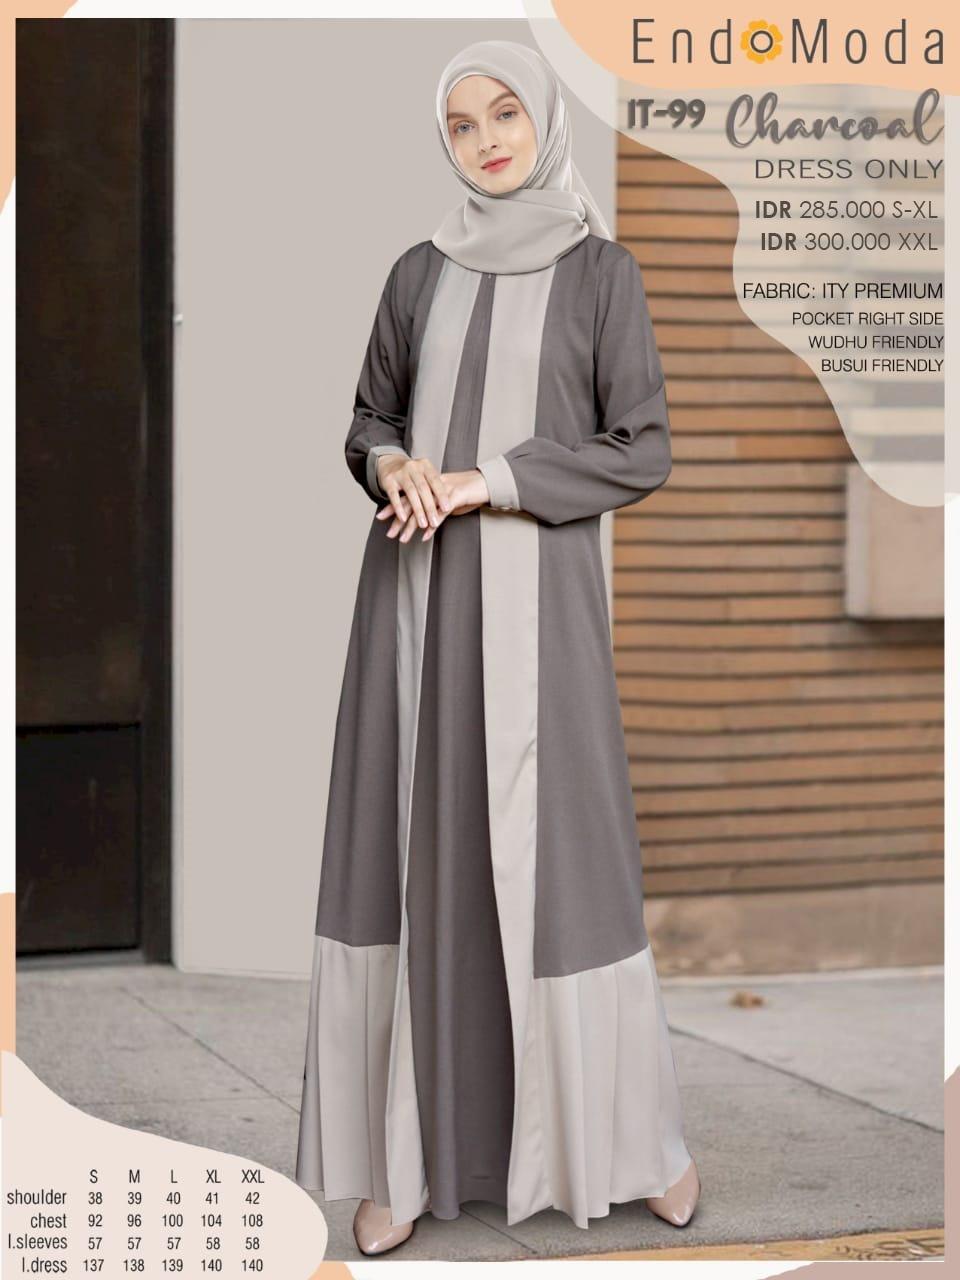 Koleksi Dress Terbaru Endomoda It 99